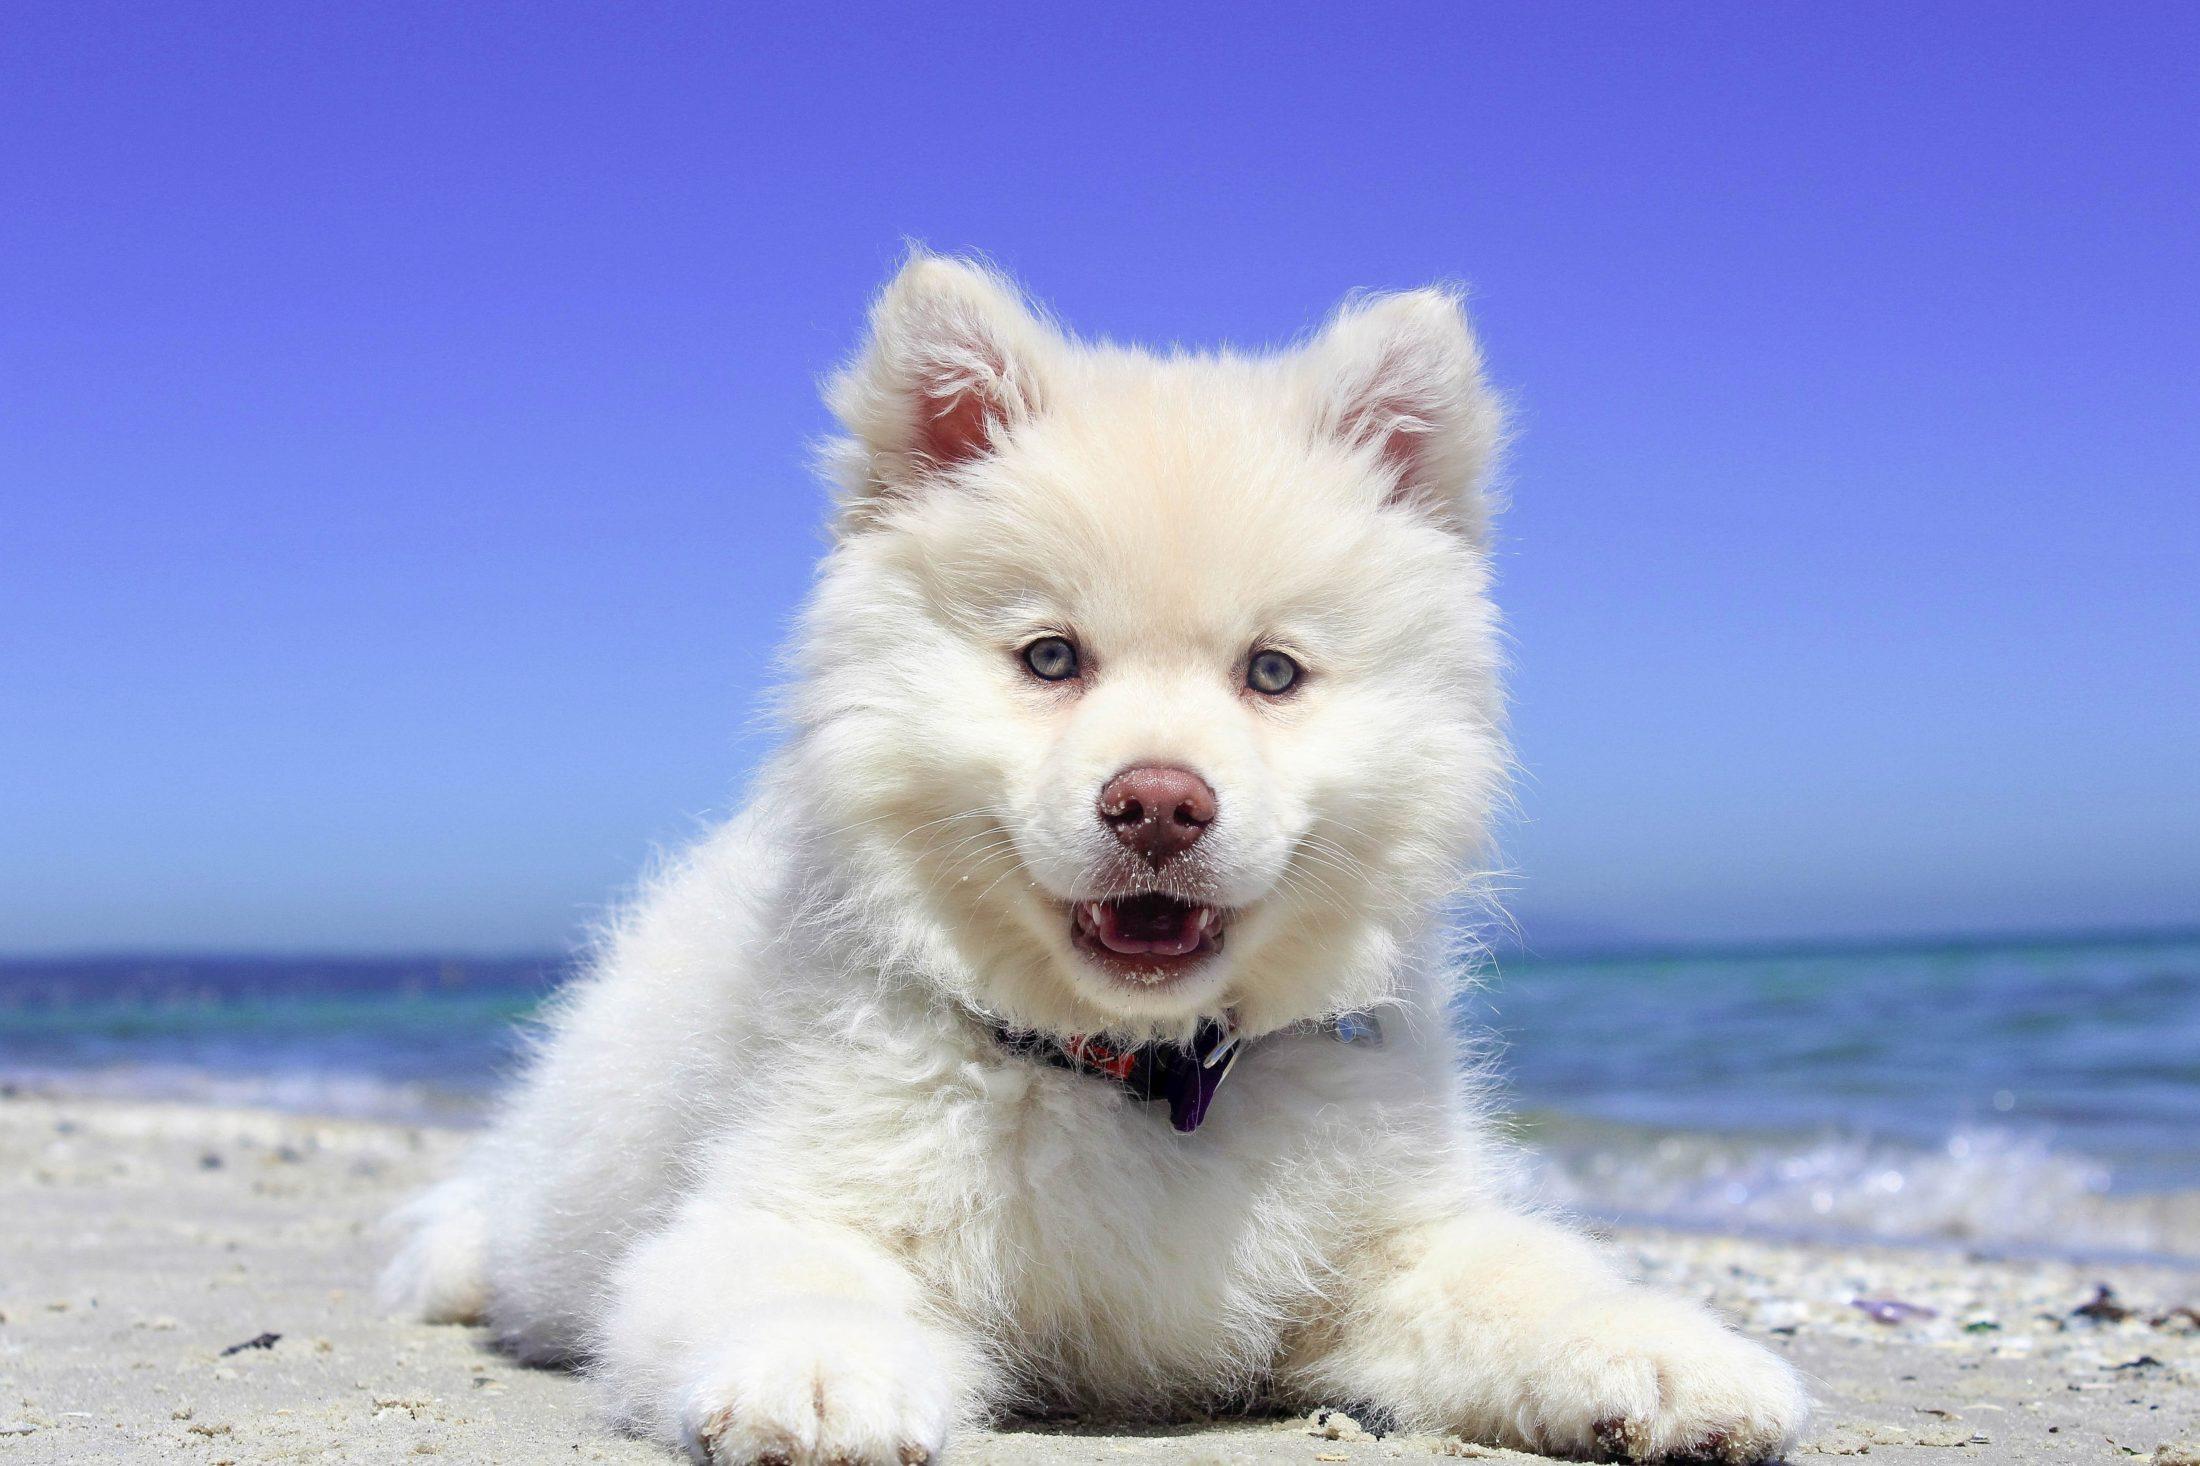 Cachorro com olhos nublados pode ser sinal de doença de cachorro como cataratas.